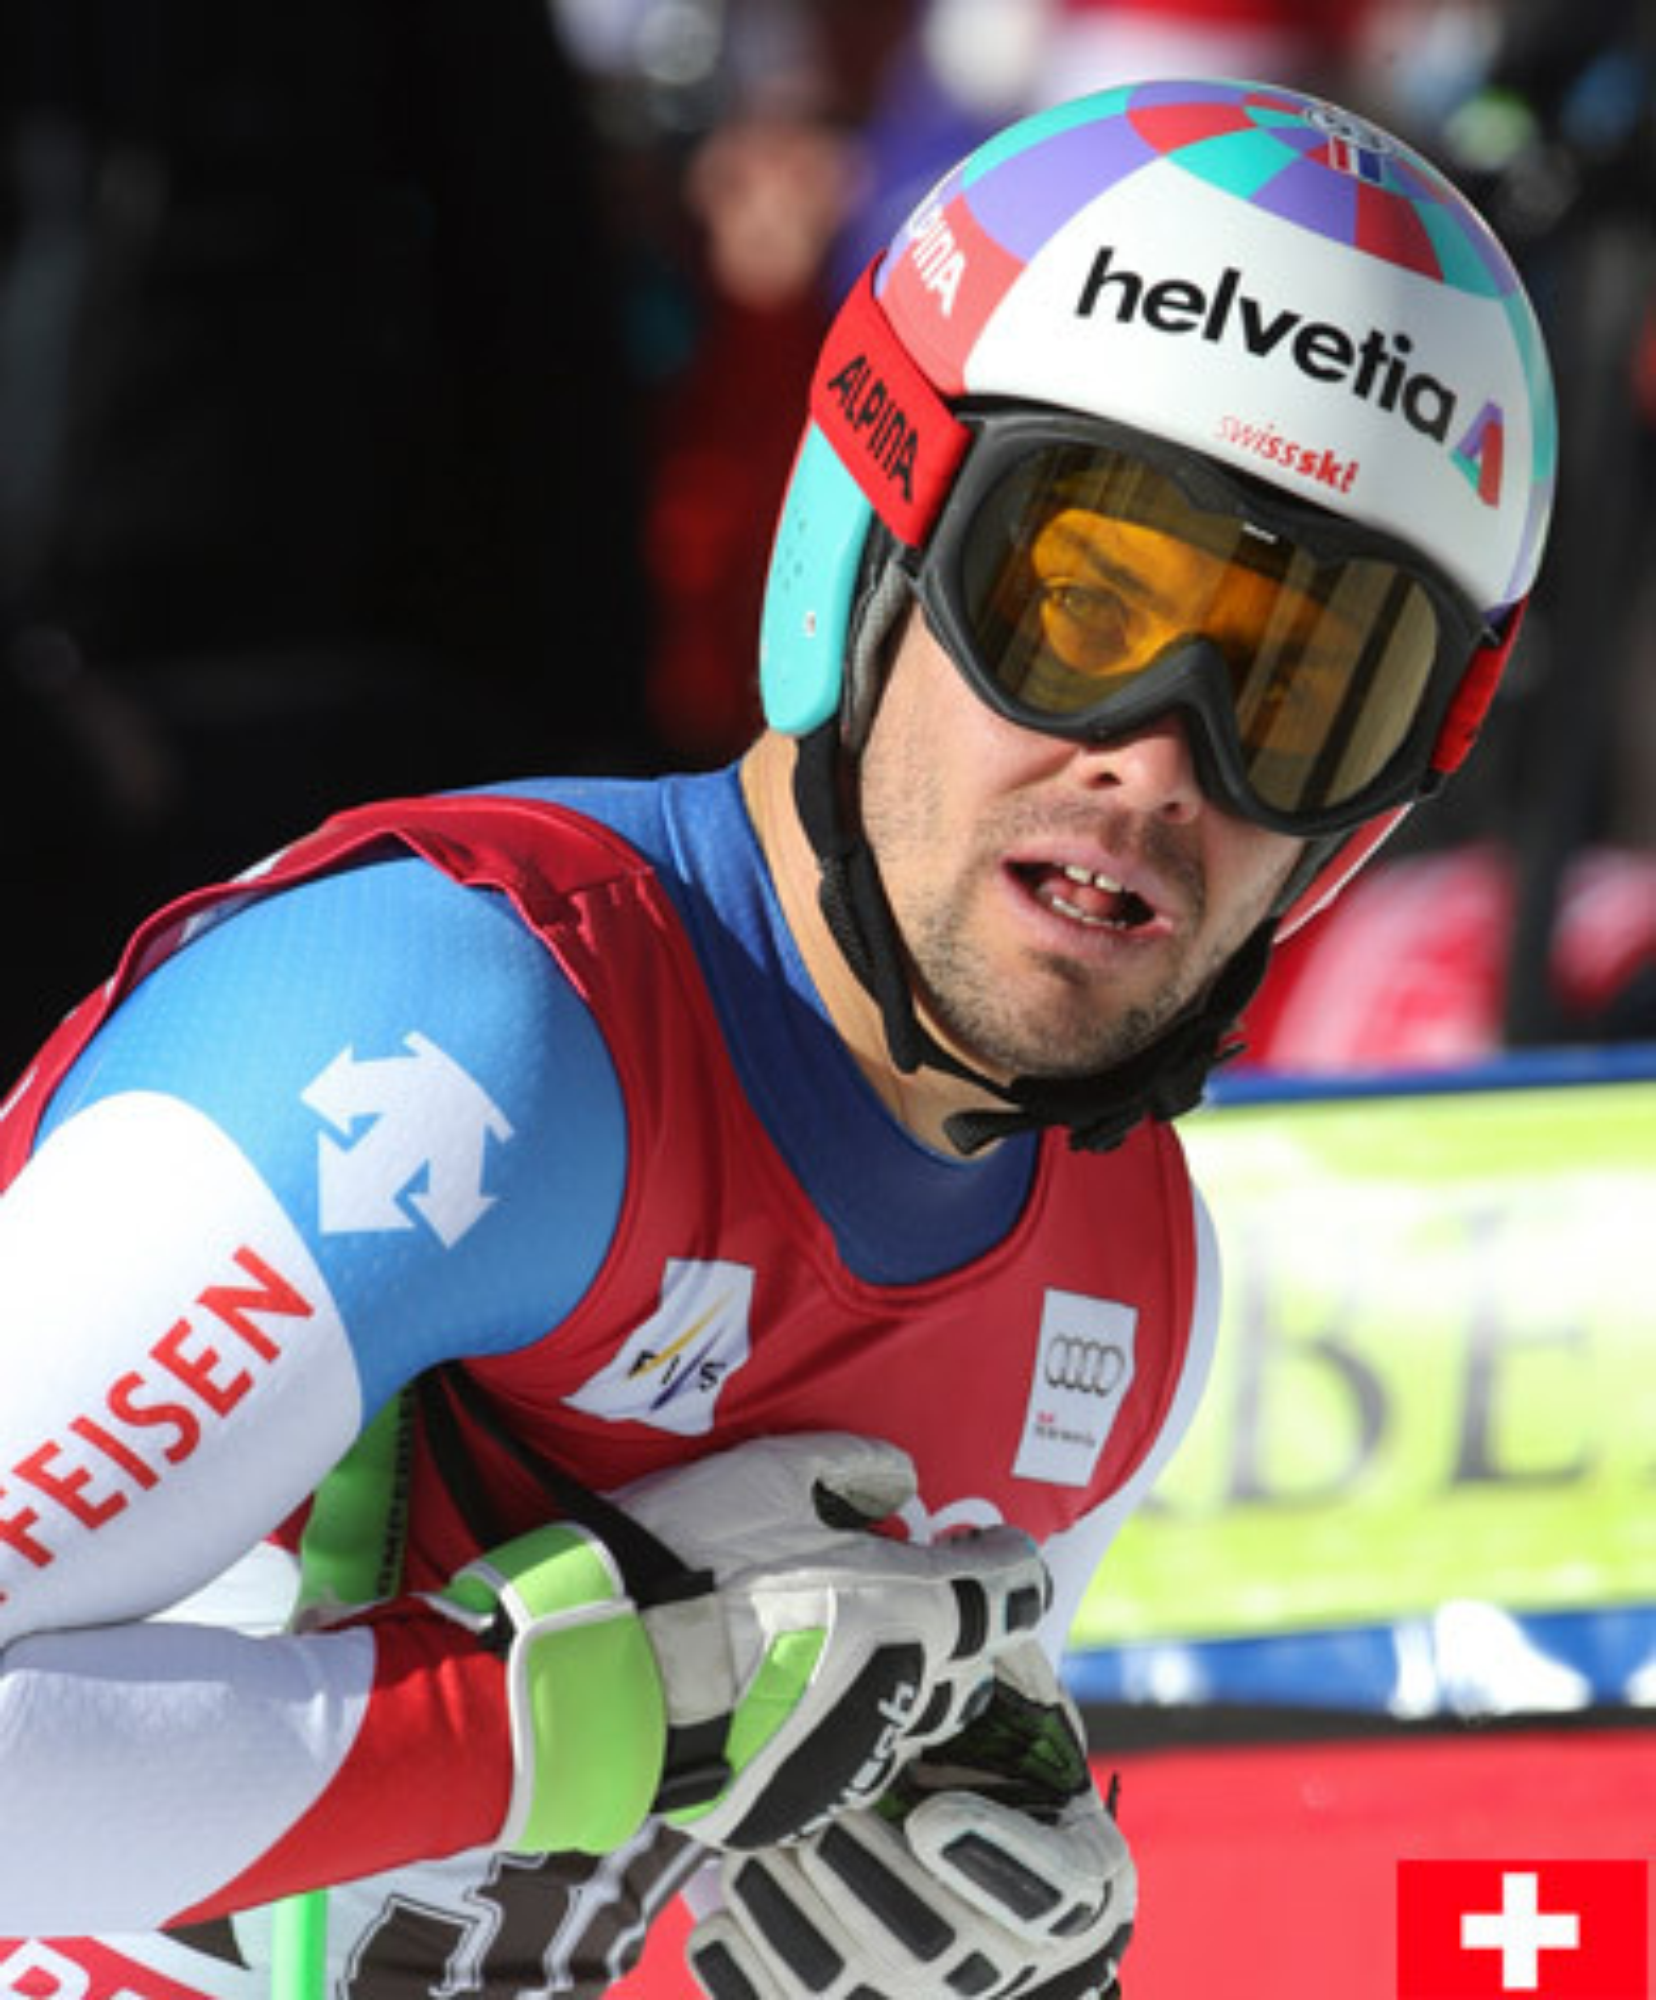 Sandro Vileta